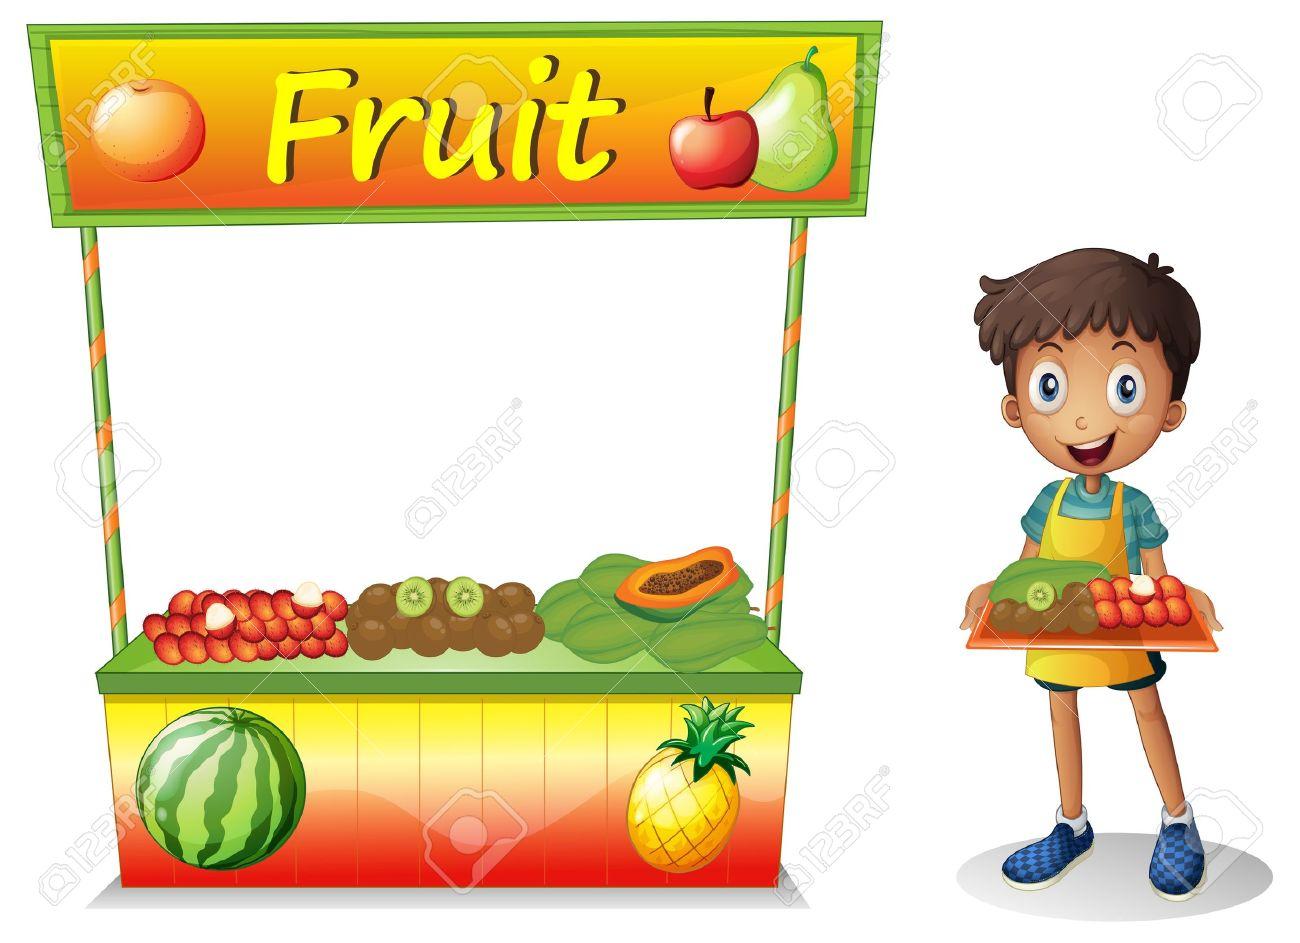 Fruit seller clipart 10 » Clipart Station.